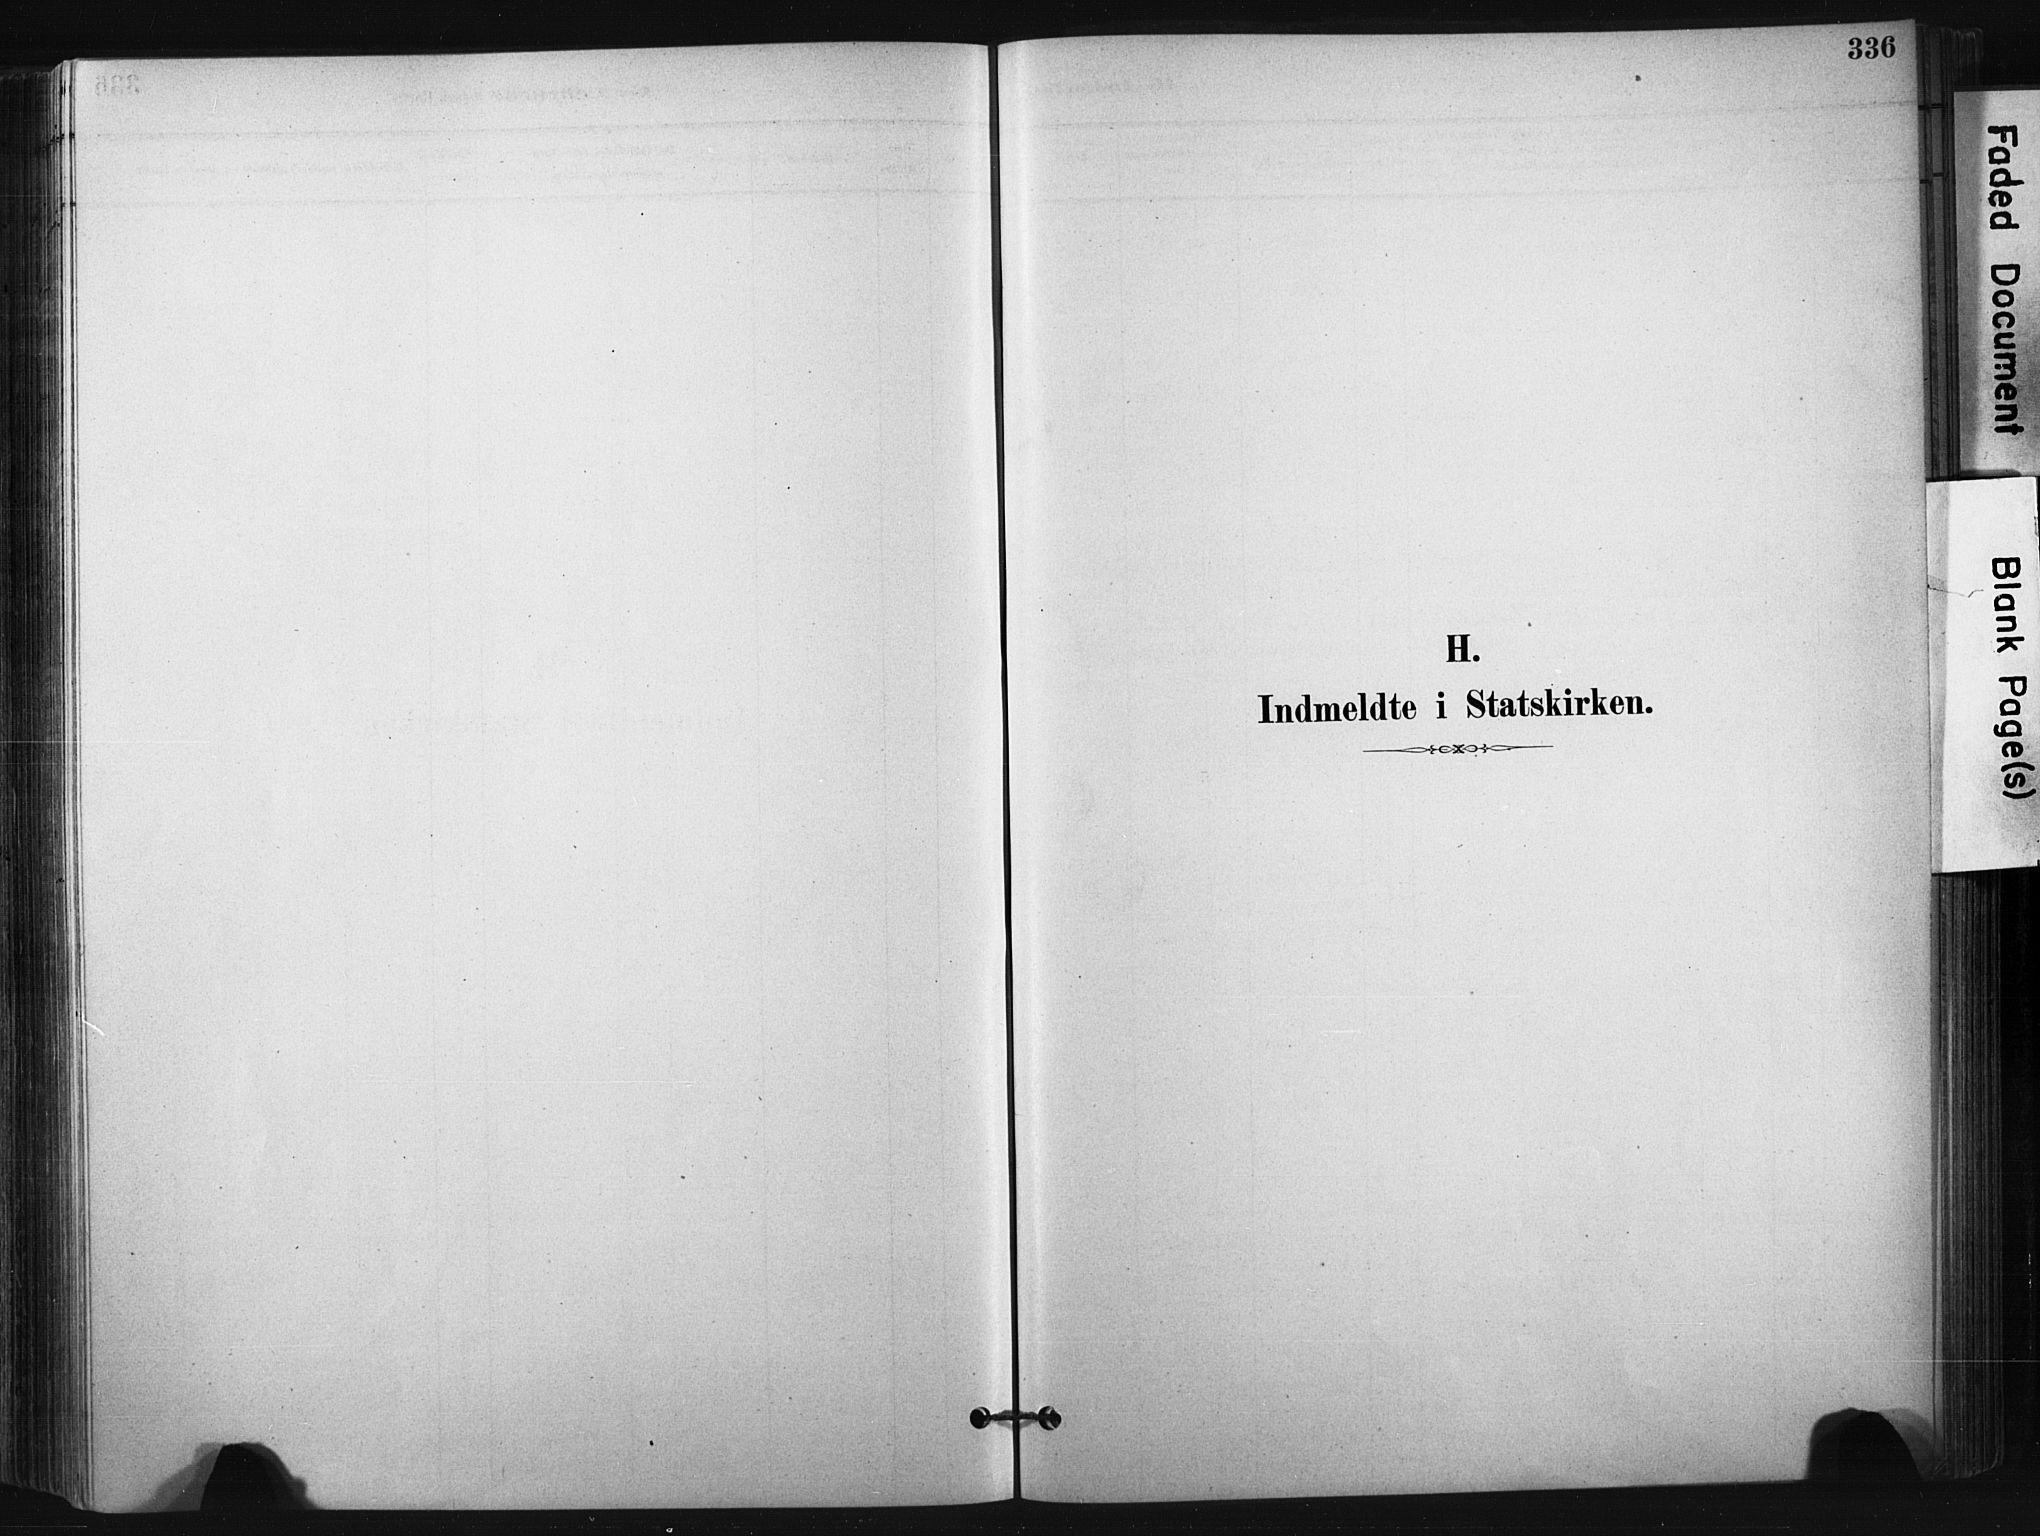 SAKO, Bø kirkebøker, F/Fa/L0010: Ministerialbok nr. 10, 1880-1892, s. 336